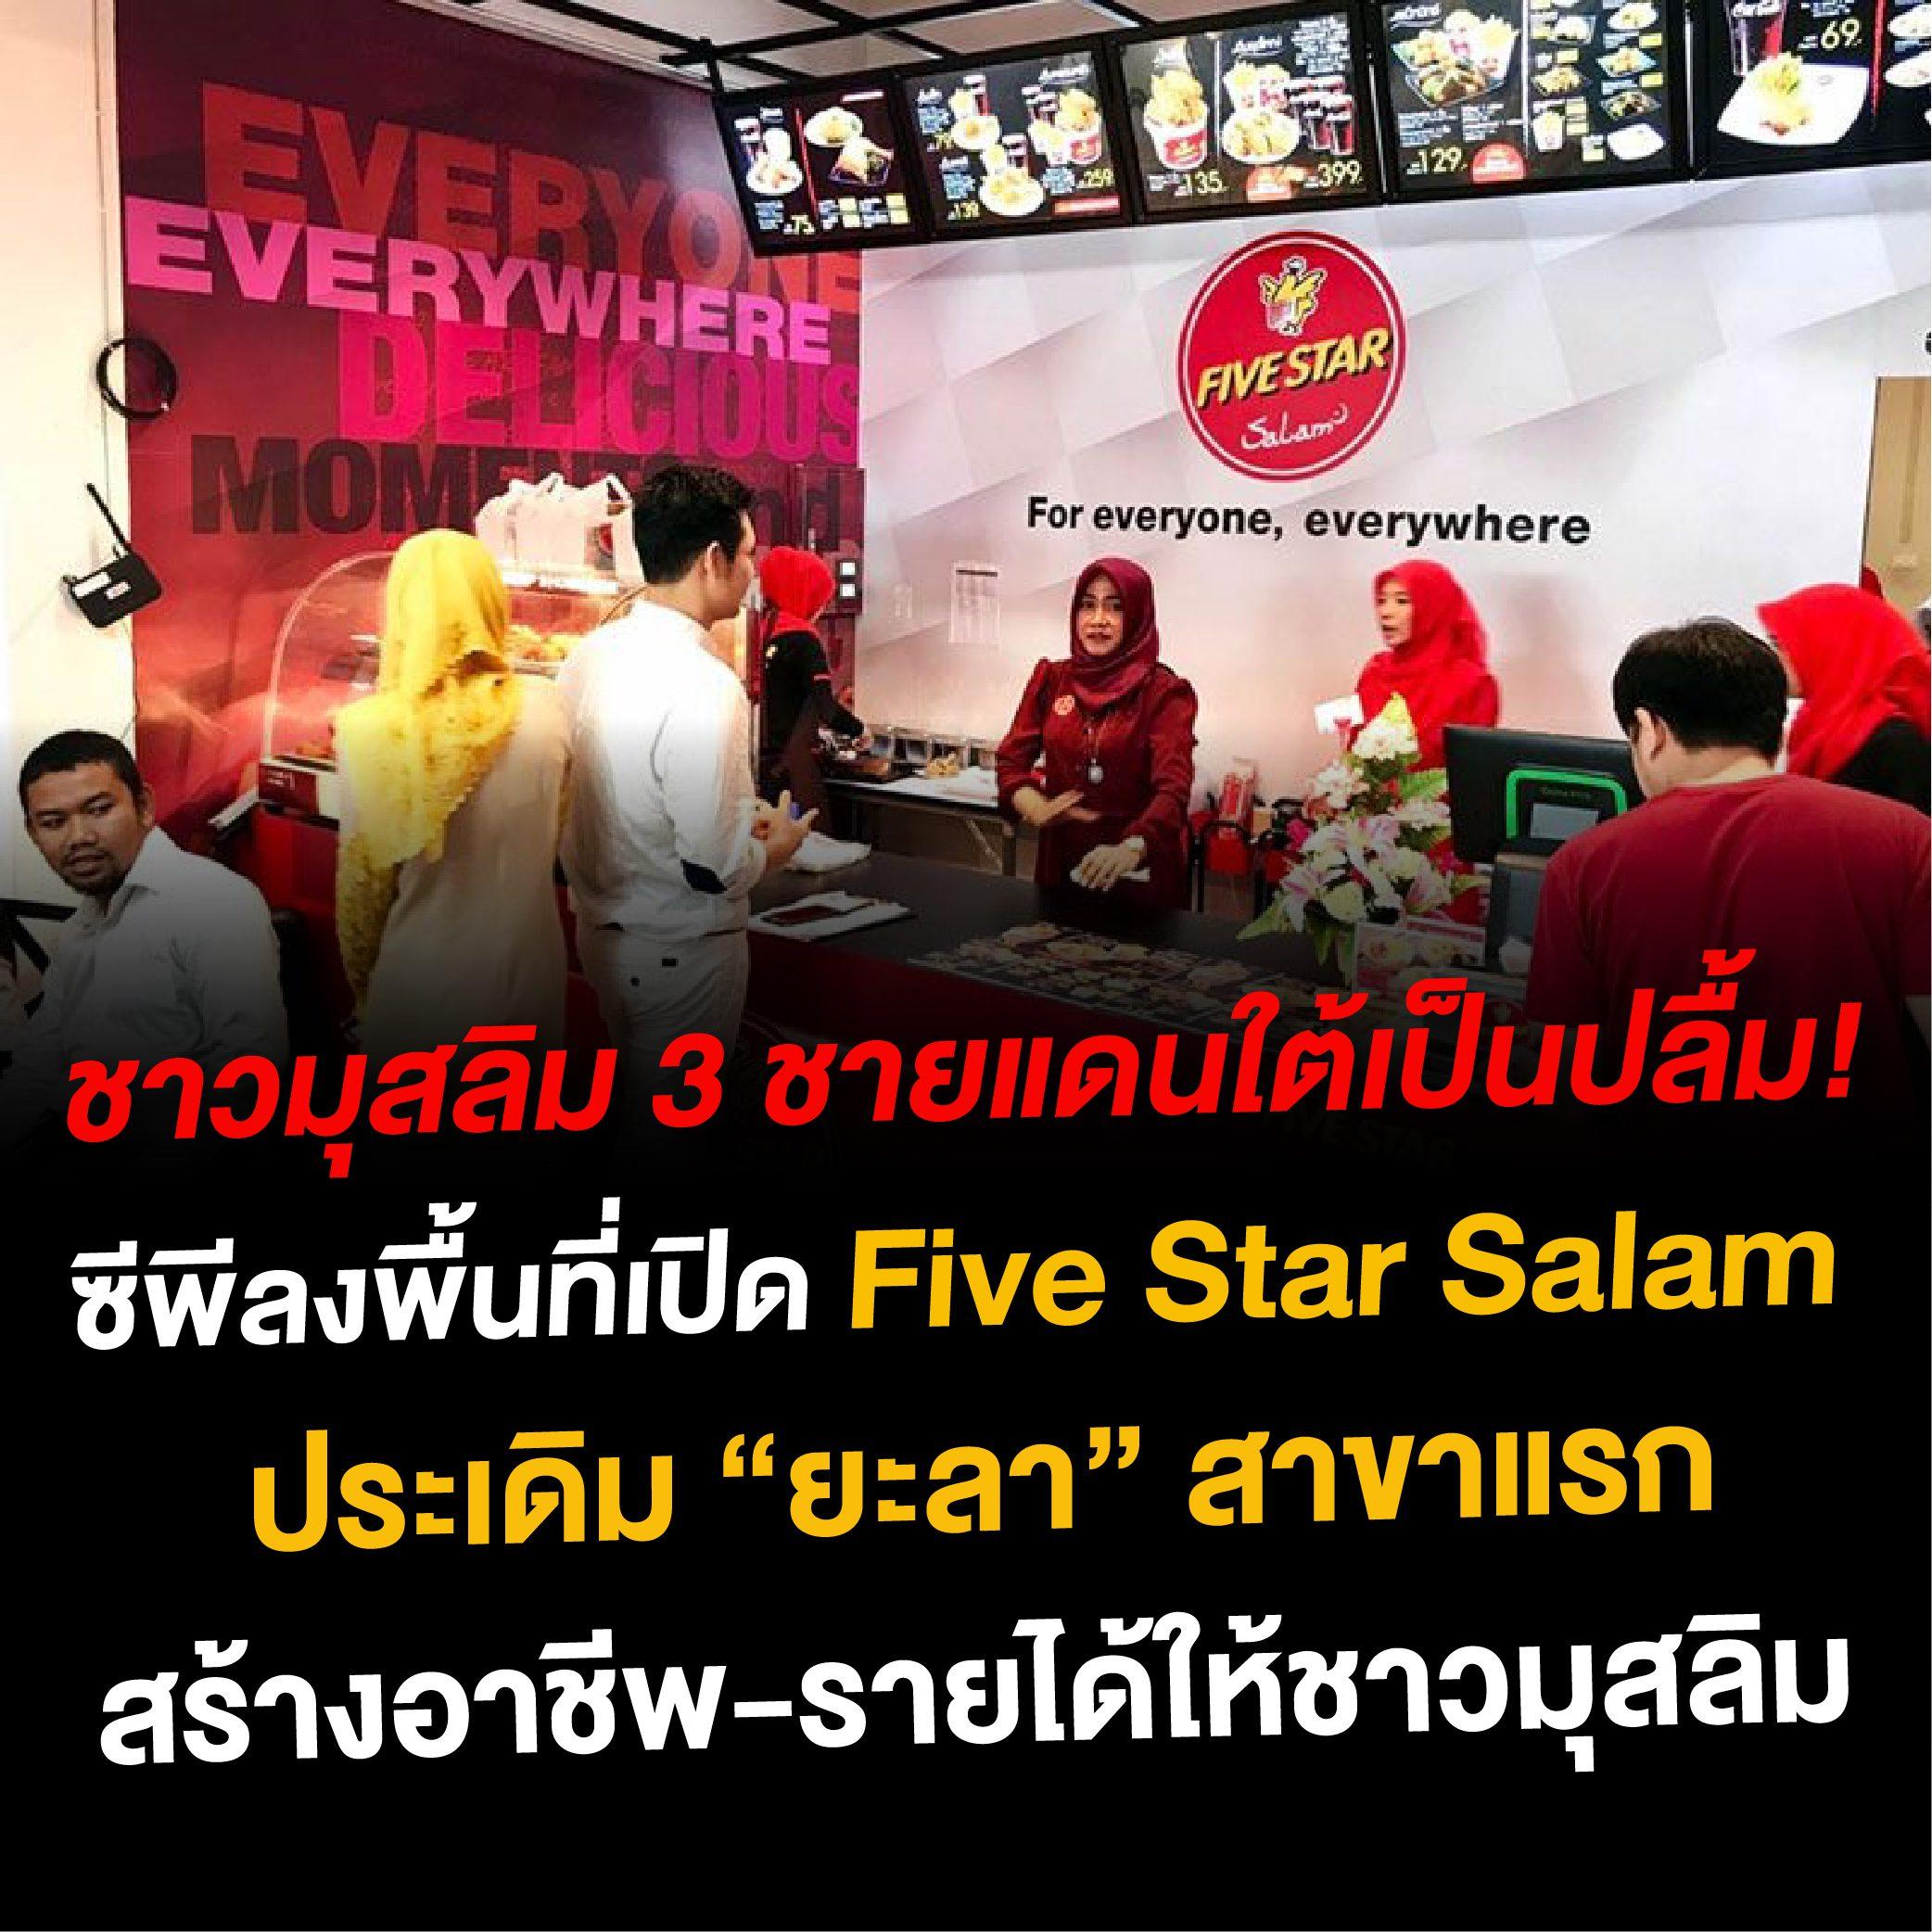 """ร้าน """"Five Star Salam"""" มุ่งสร้างอาชีพชาวมุสลิม 3 จังหวัดชายแดนใต้"""